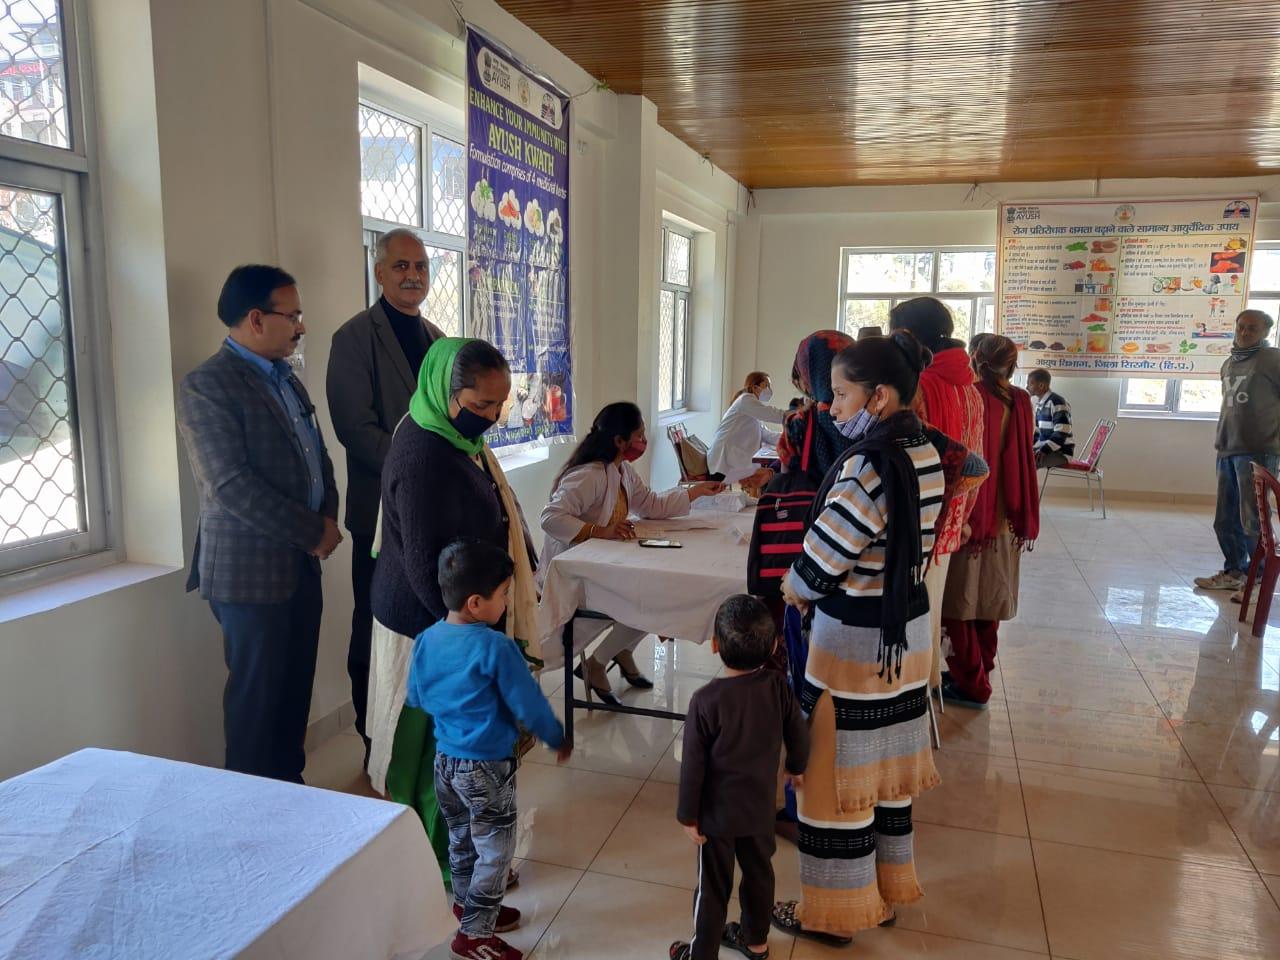 सराहां  में बहु विशेषज्ञ चिकित्सा शिविर आयोजित कर जांचा 250 ग्रामिणों का स्वास्थ्य